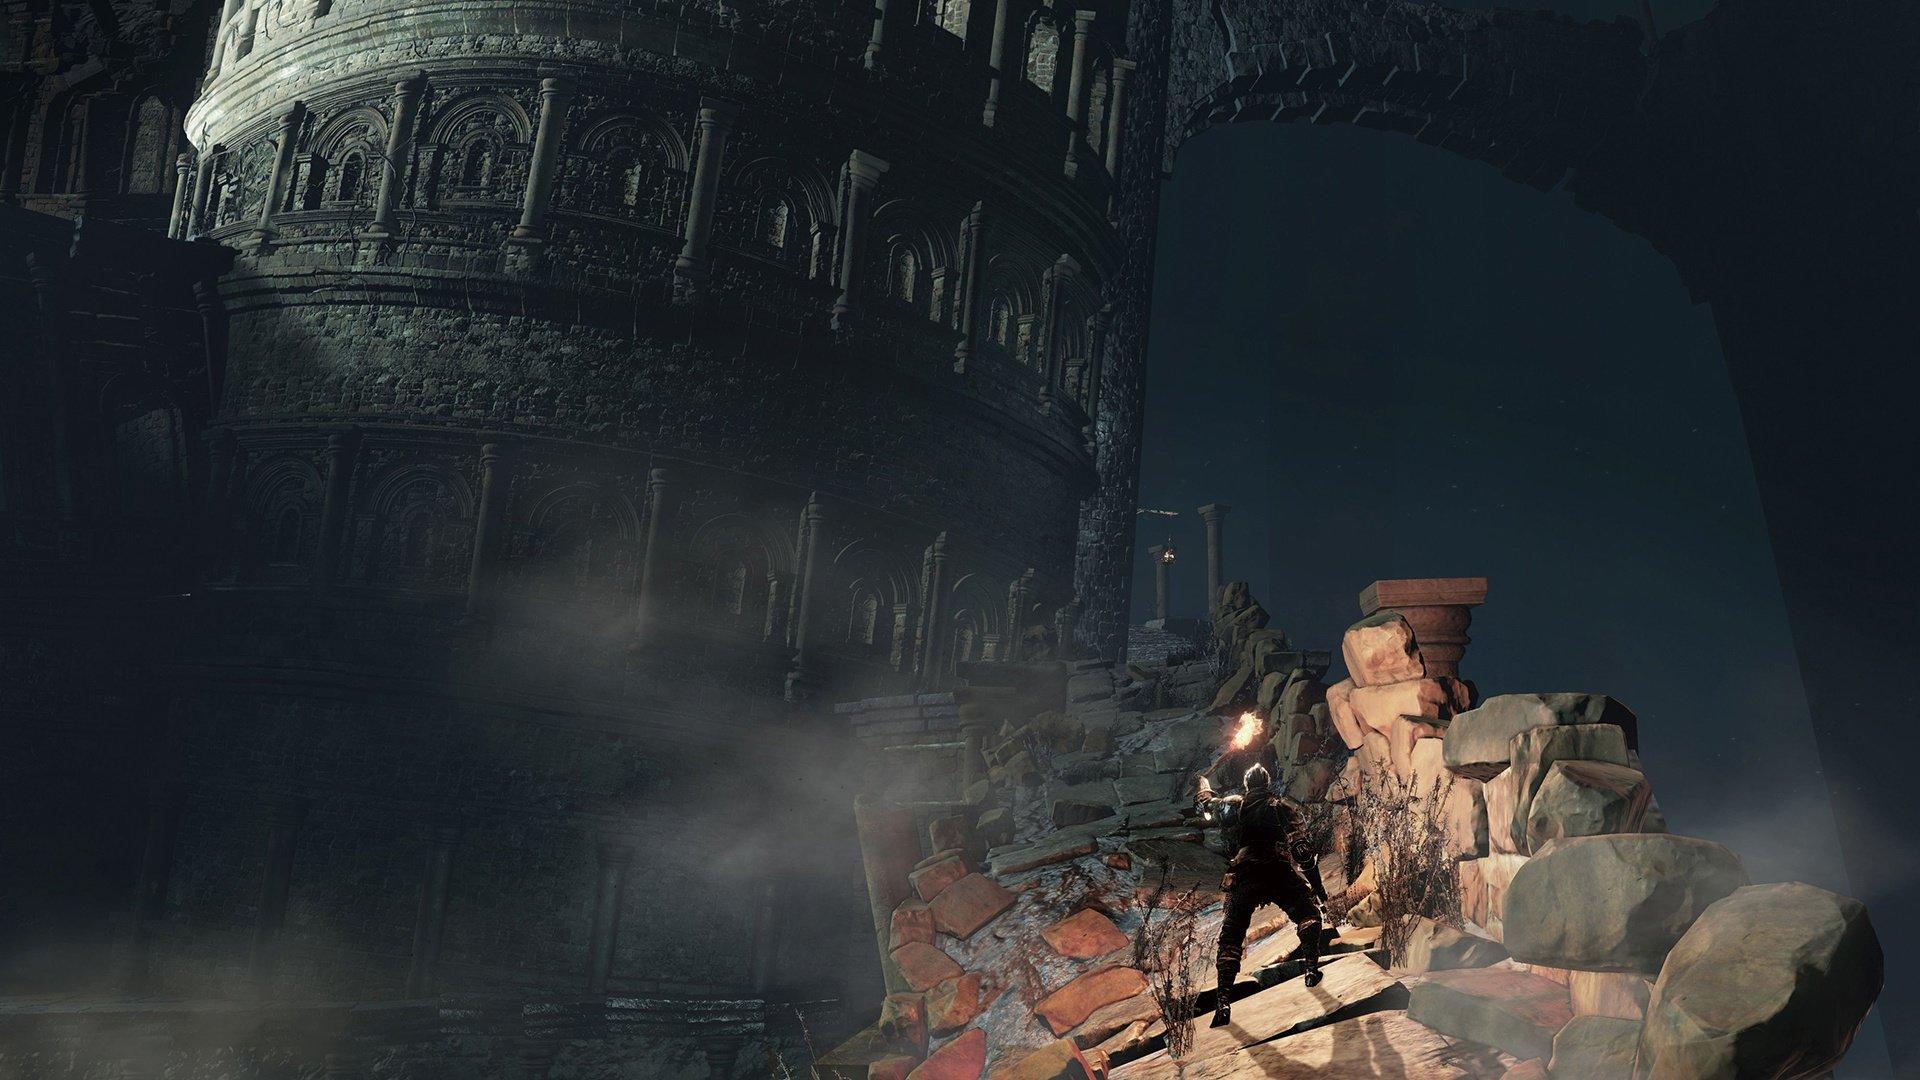 Dark Souls 3 Wallpapers 1920x1080 Full HD (1080p) Desktop